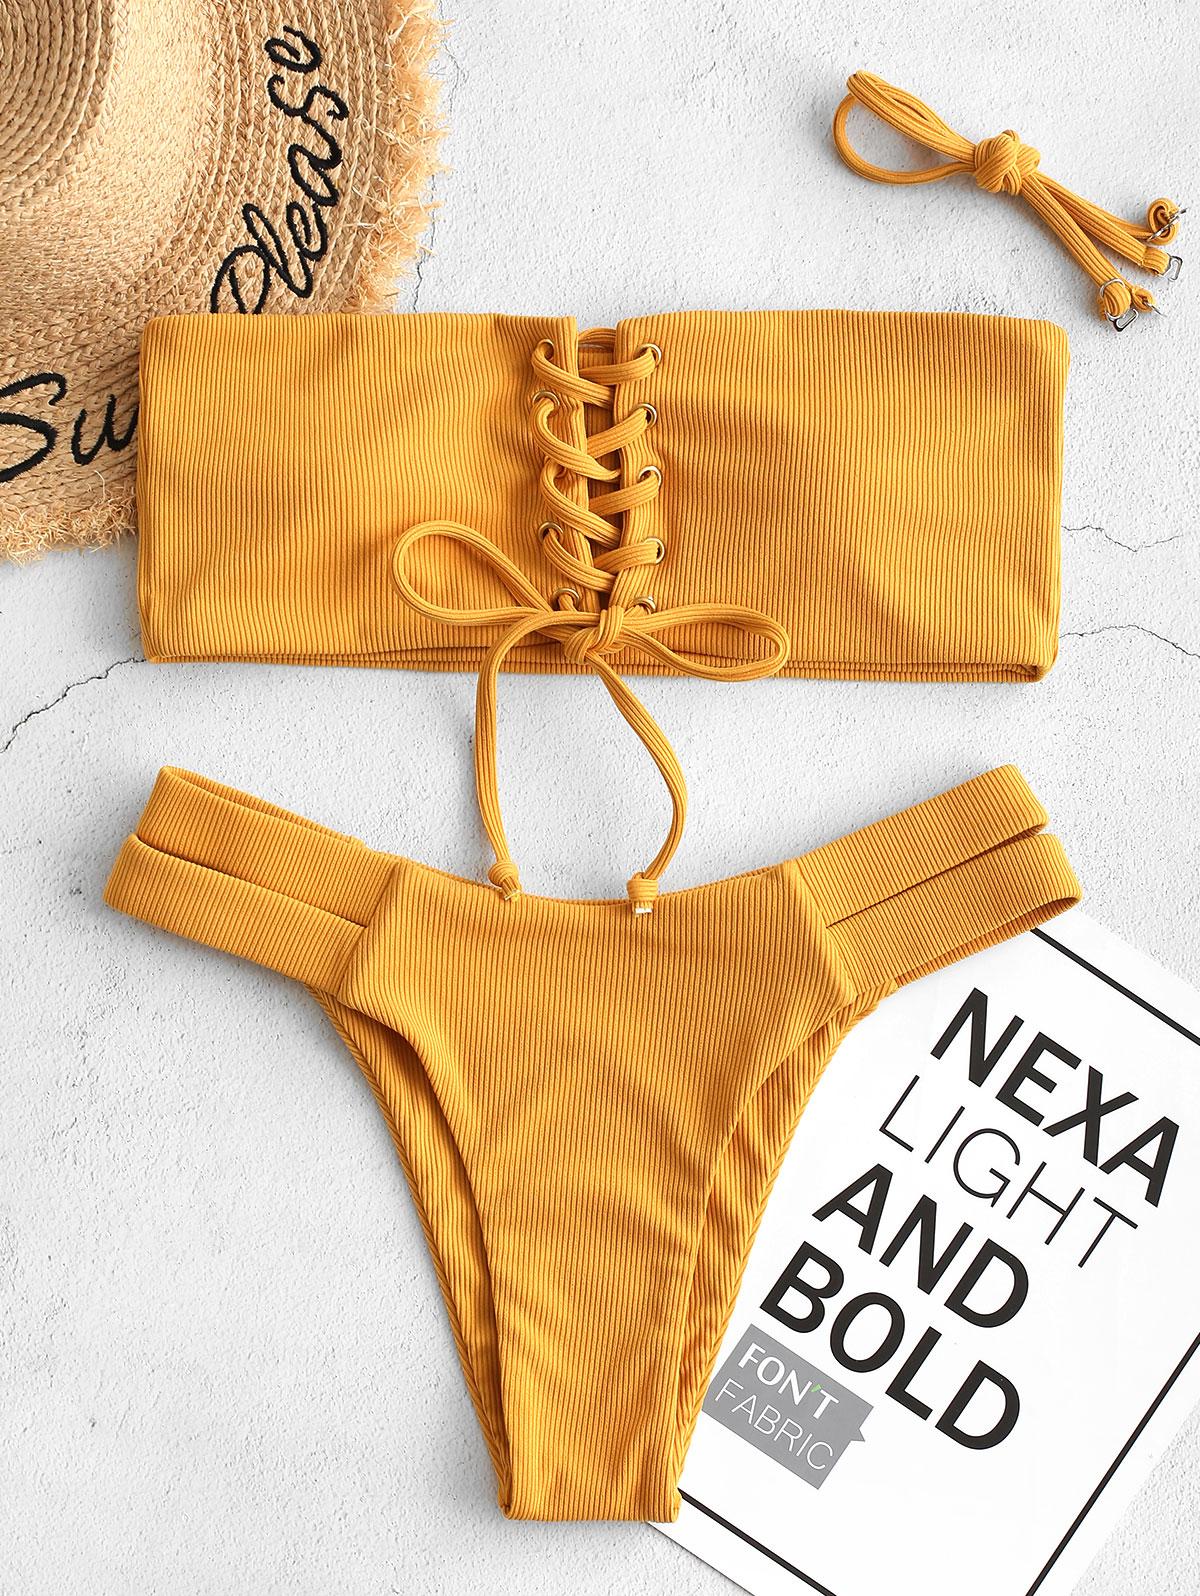 ZAFUL Bikini Women Ribbed Bandeau Lace Up Bikini Swimsuit Sexy Push Up Bathing Suit Solid Cut Out Swimwear 2020